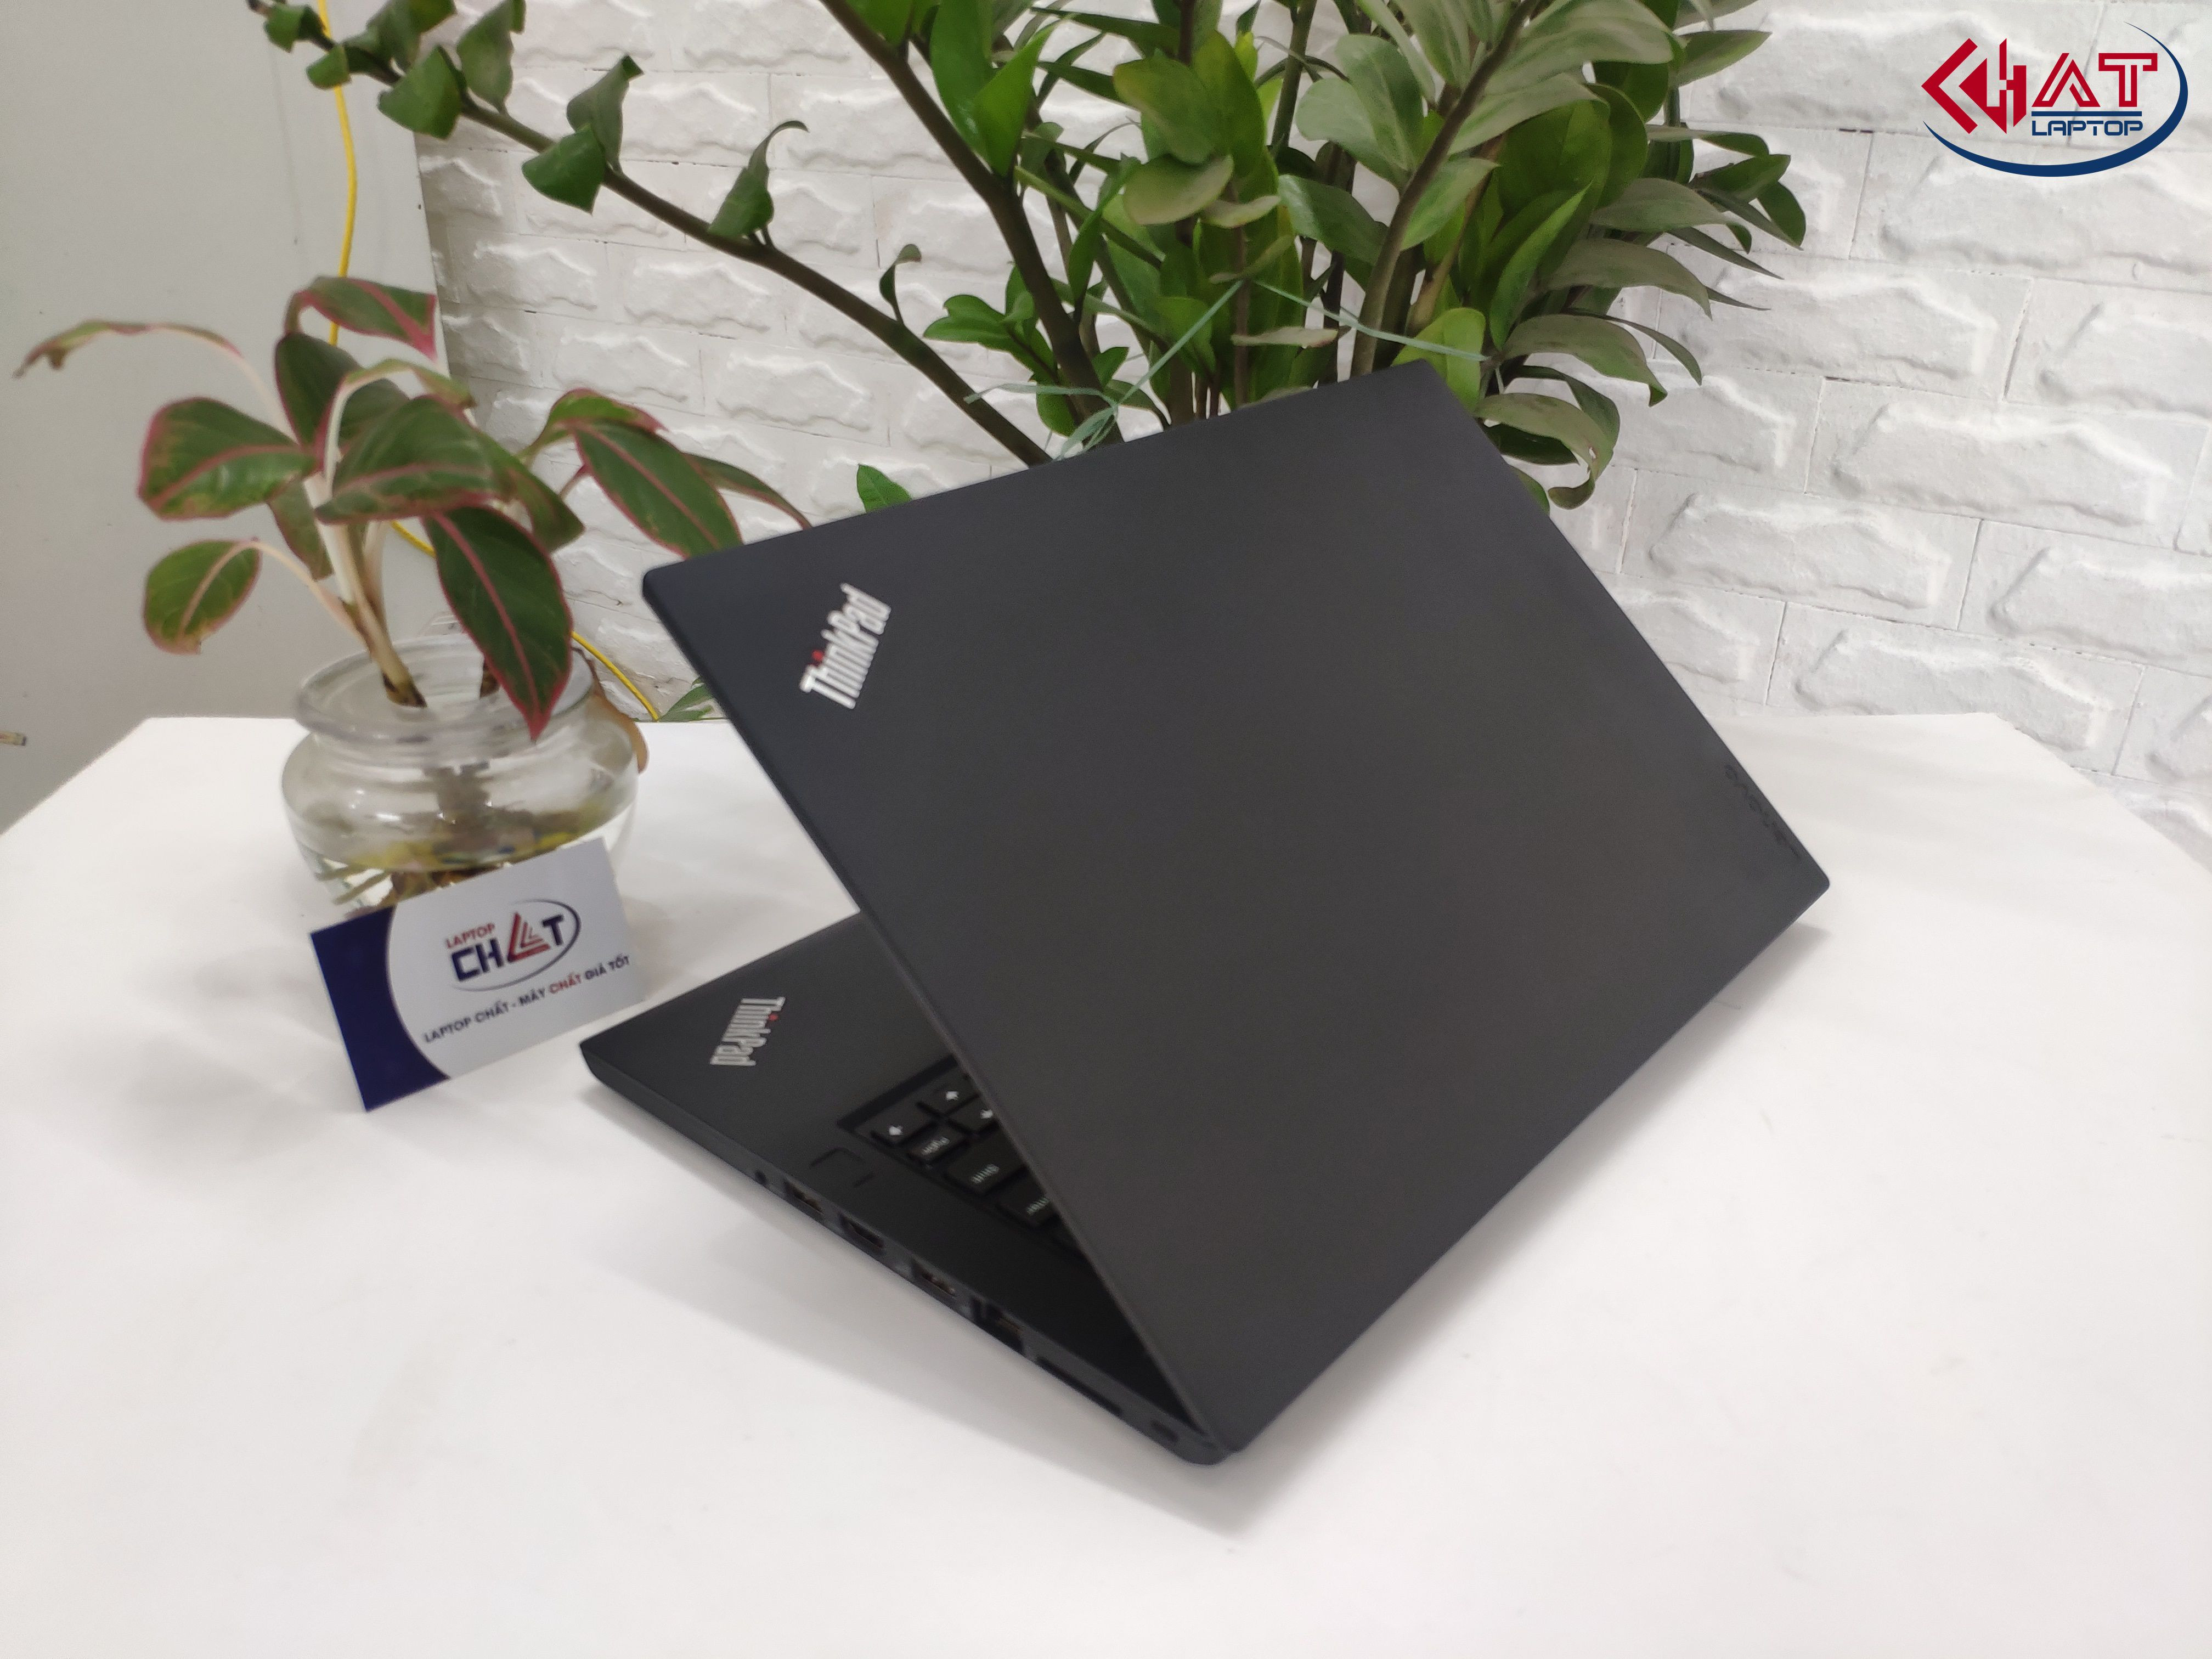 Lenovo Thinkpad T480 i7